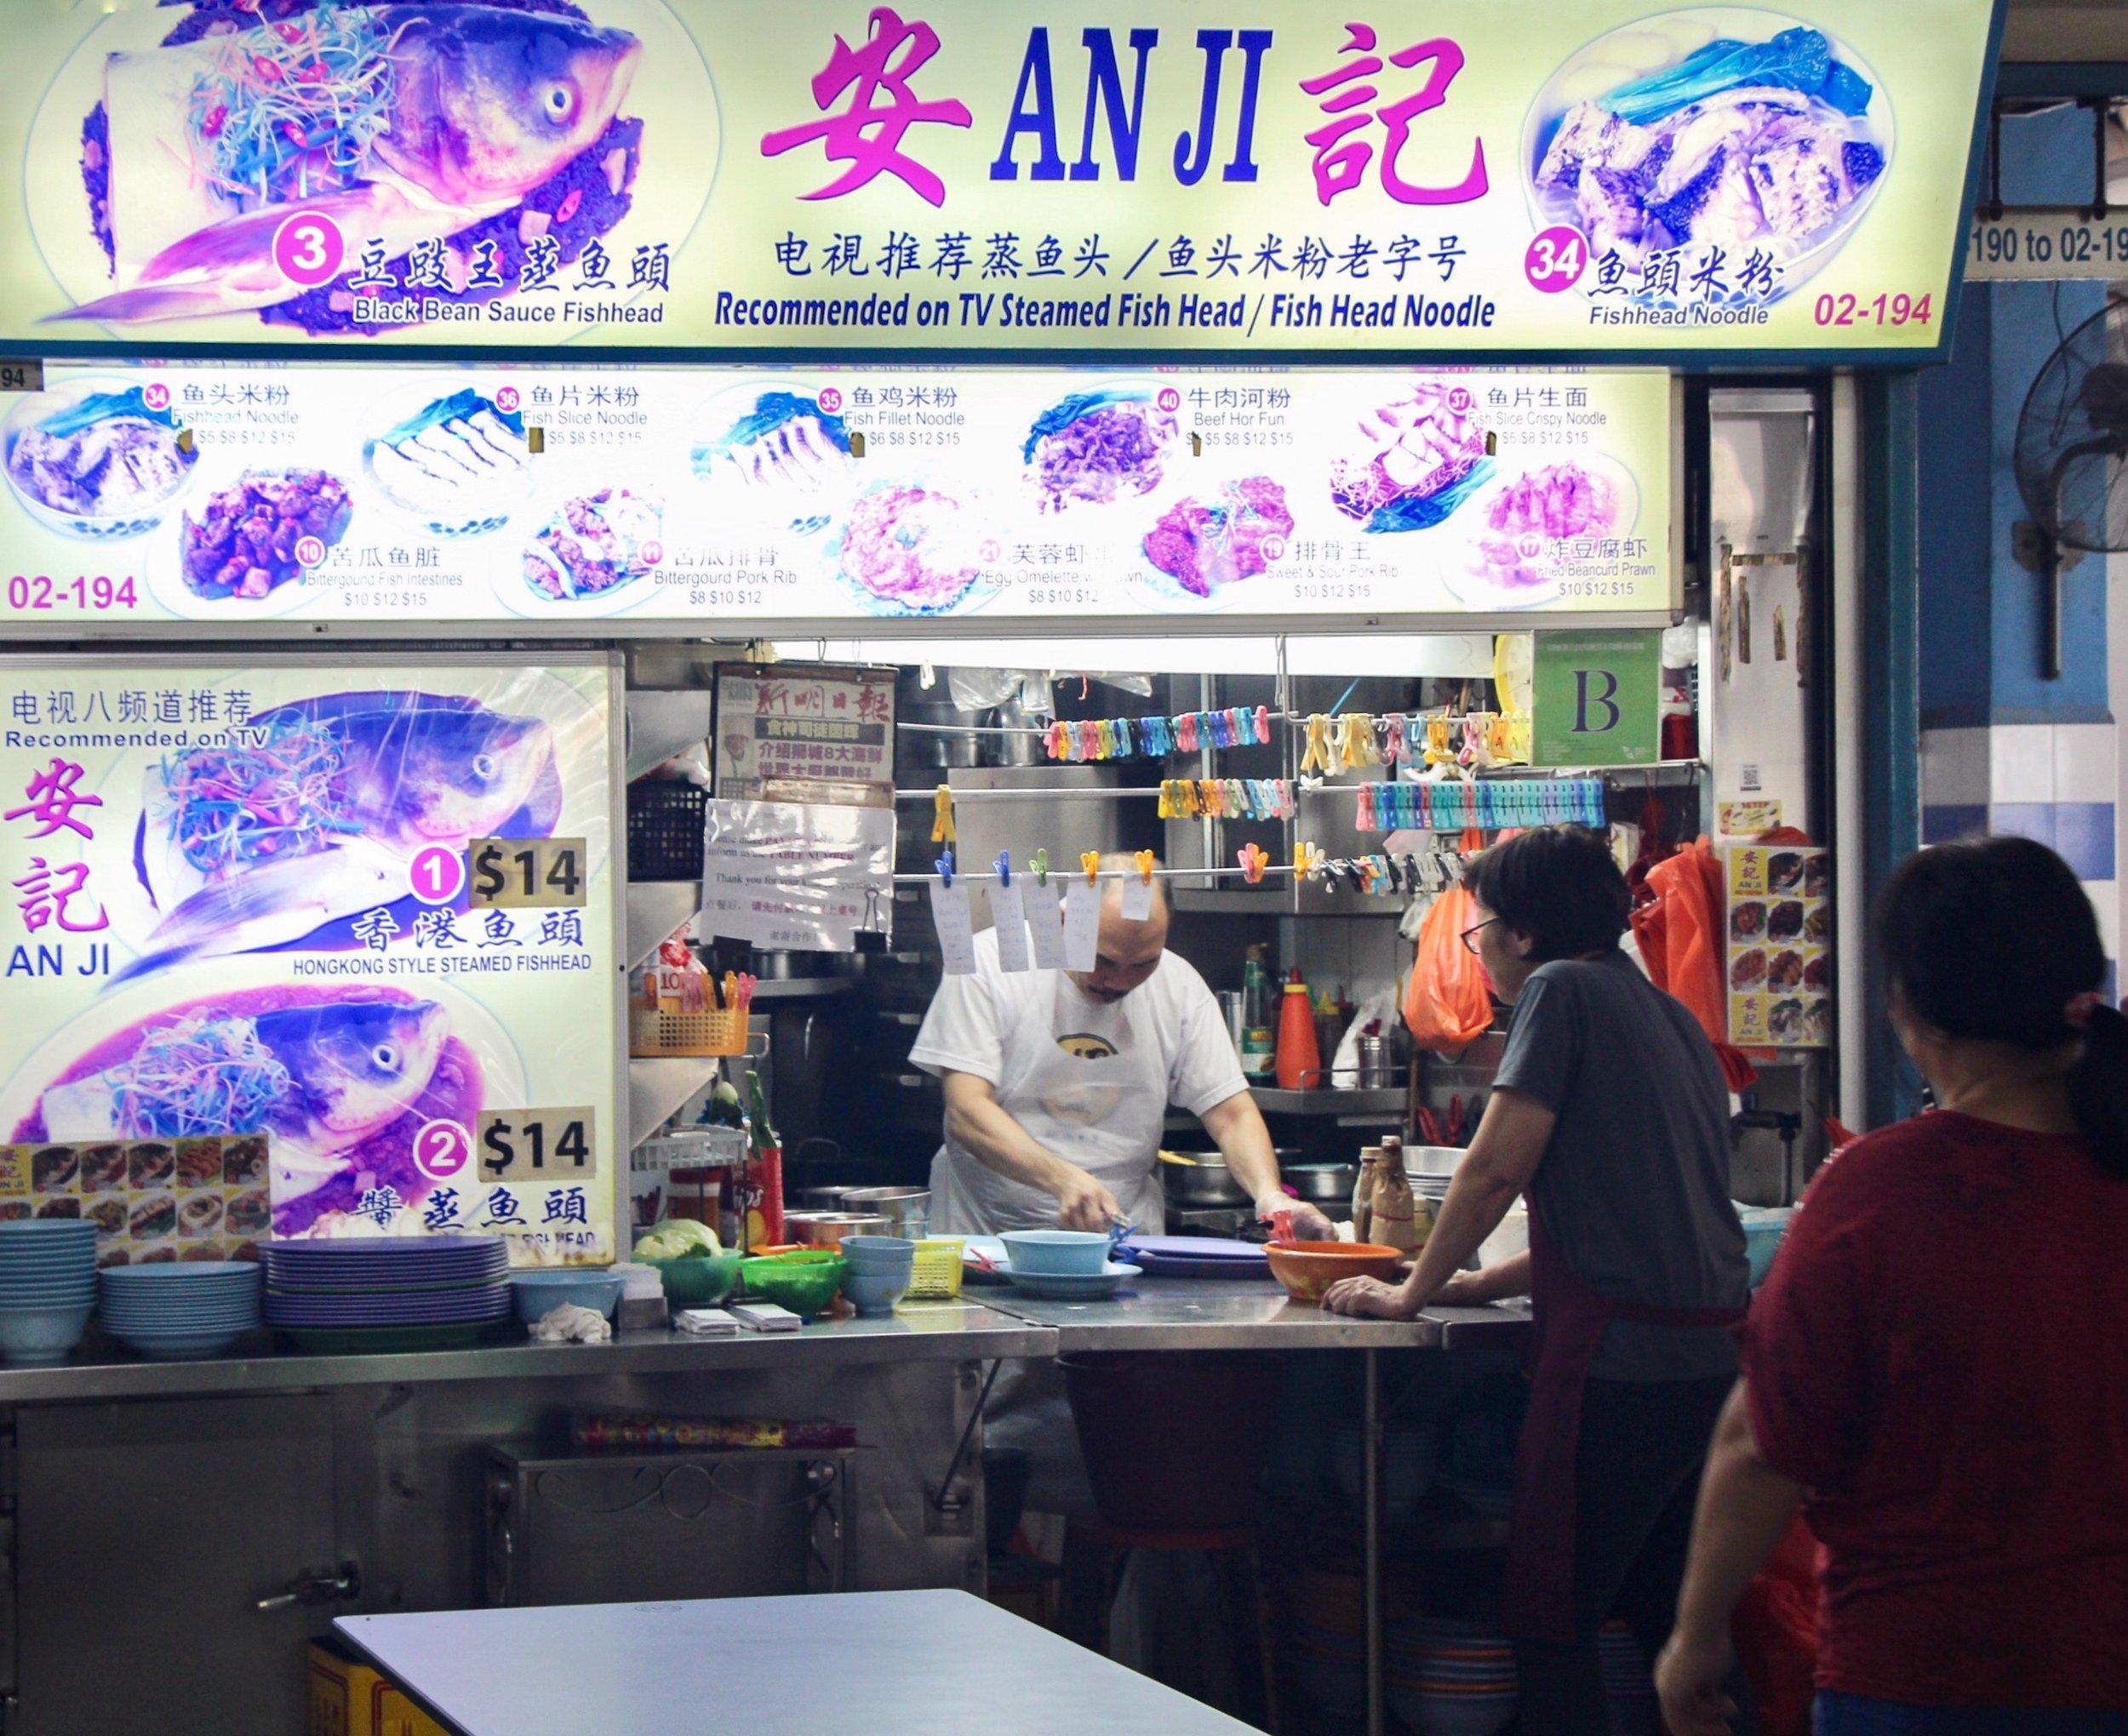 Fish head noodles, a favorite dish of Singaporeans.